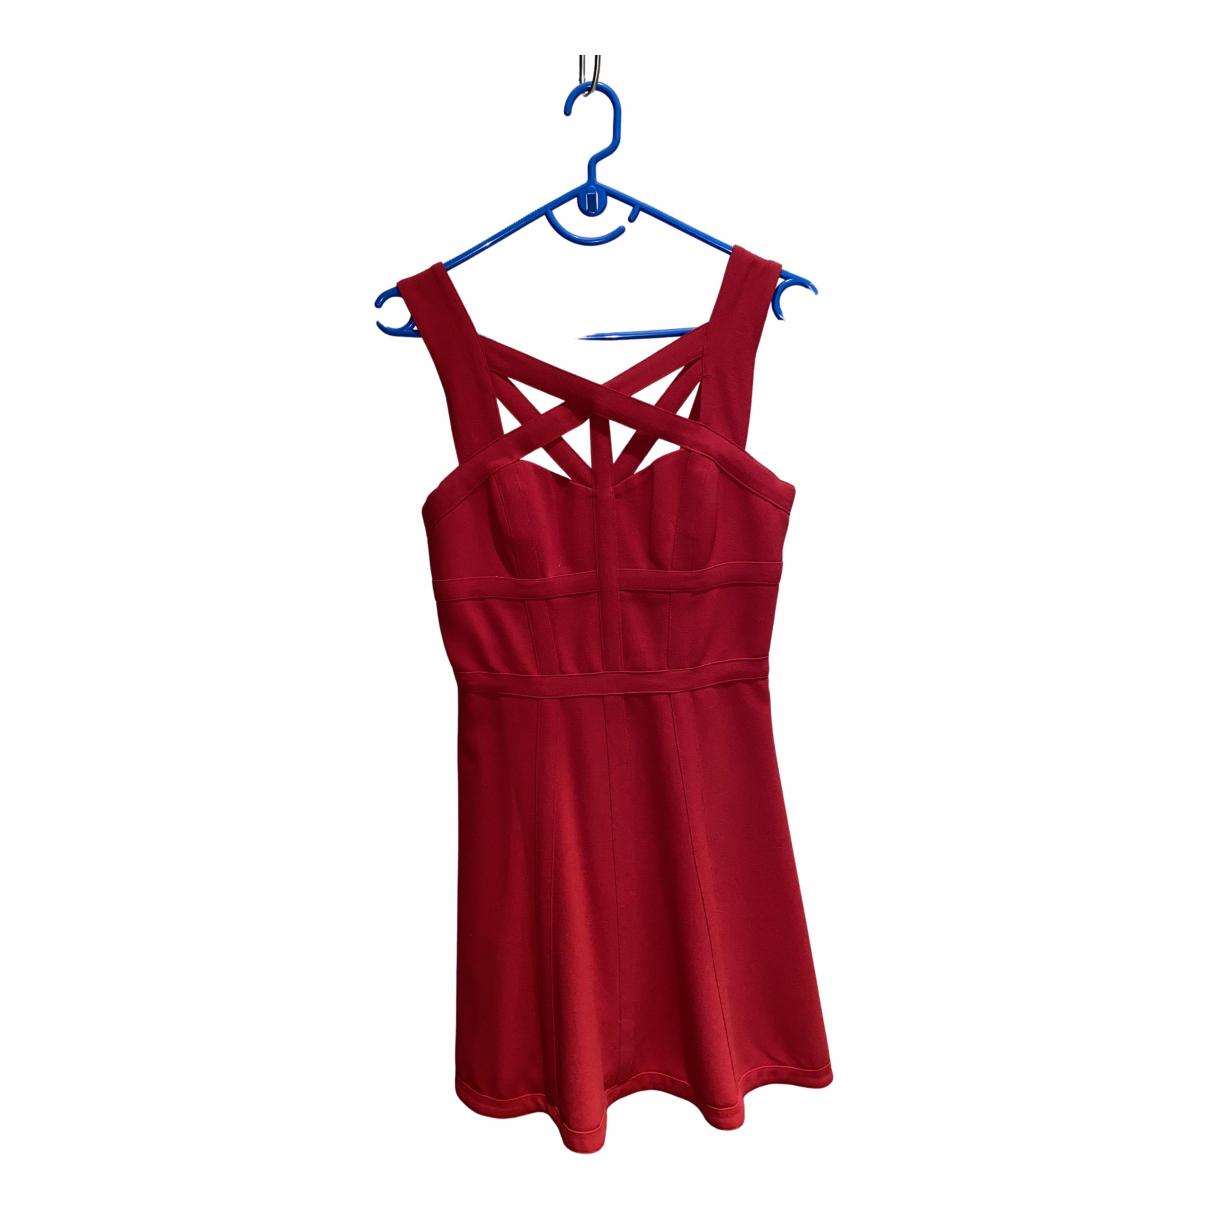 Bcbg Max Azria - Robe   pour femme - rouge